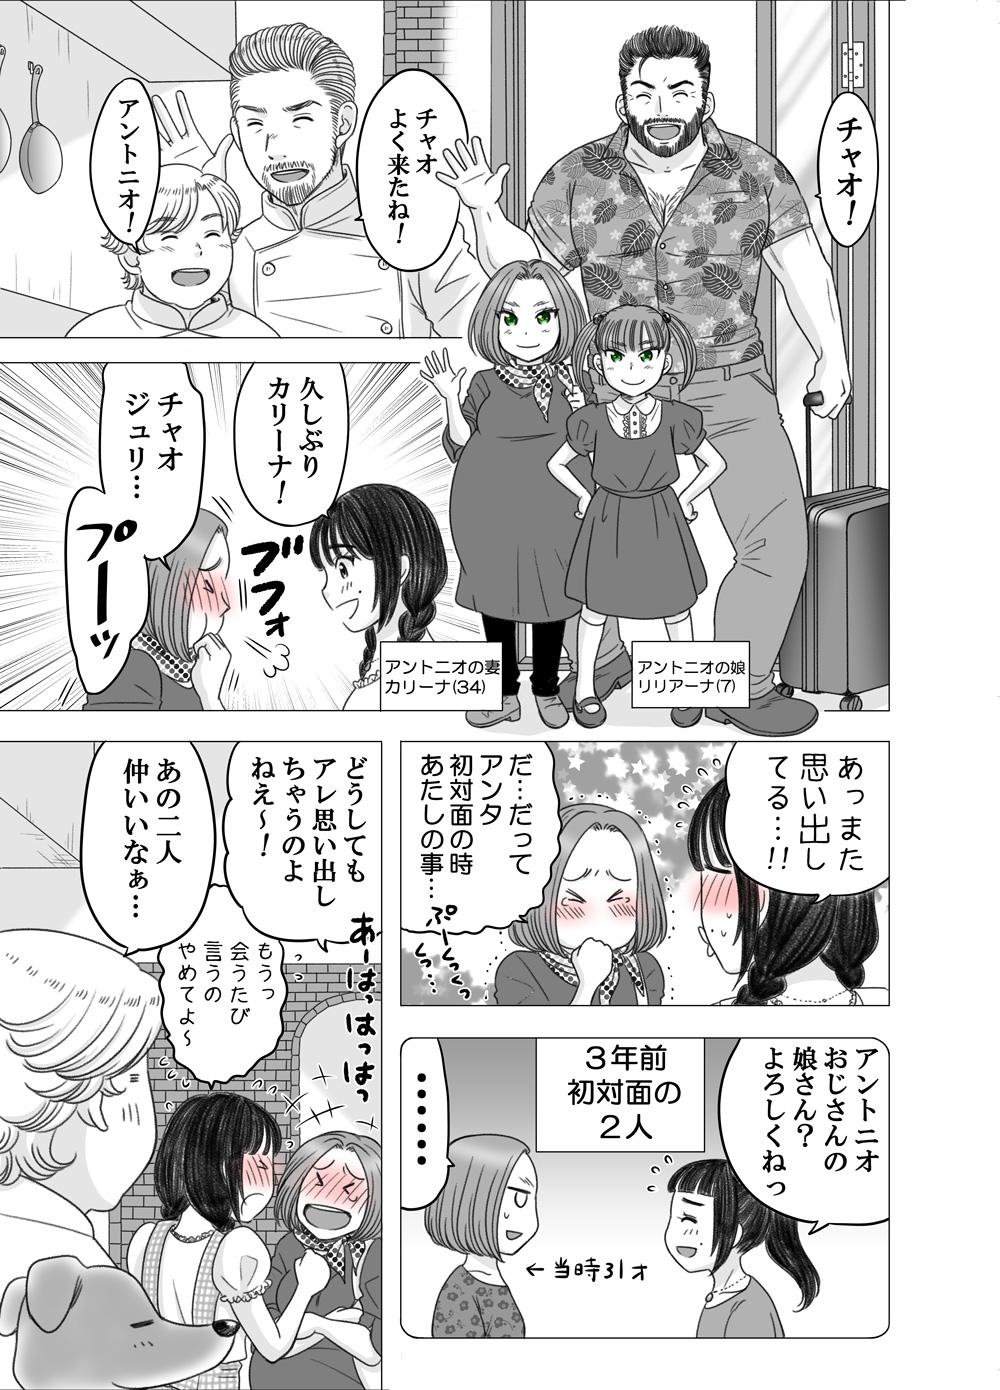 やせっぽちとふとっちょ(恋のライバル現る?)